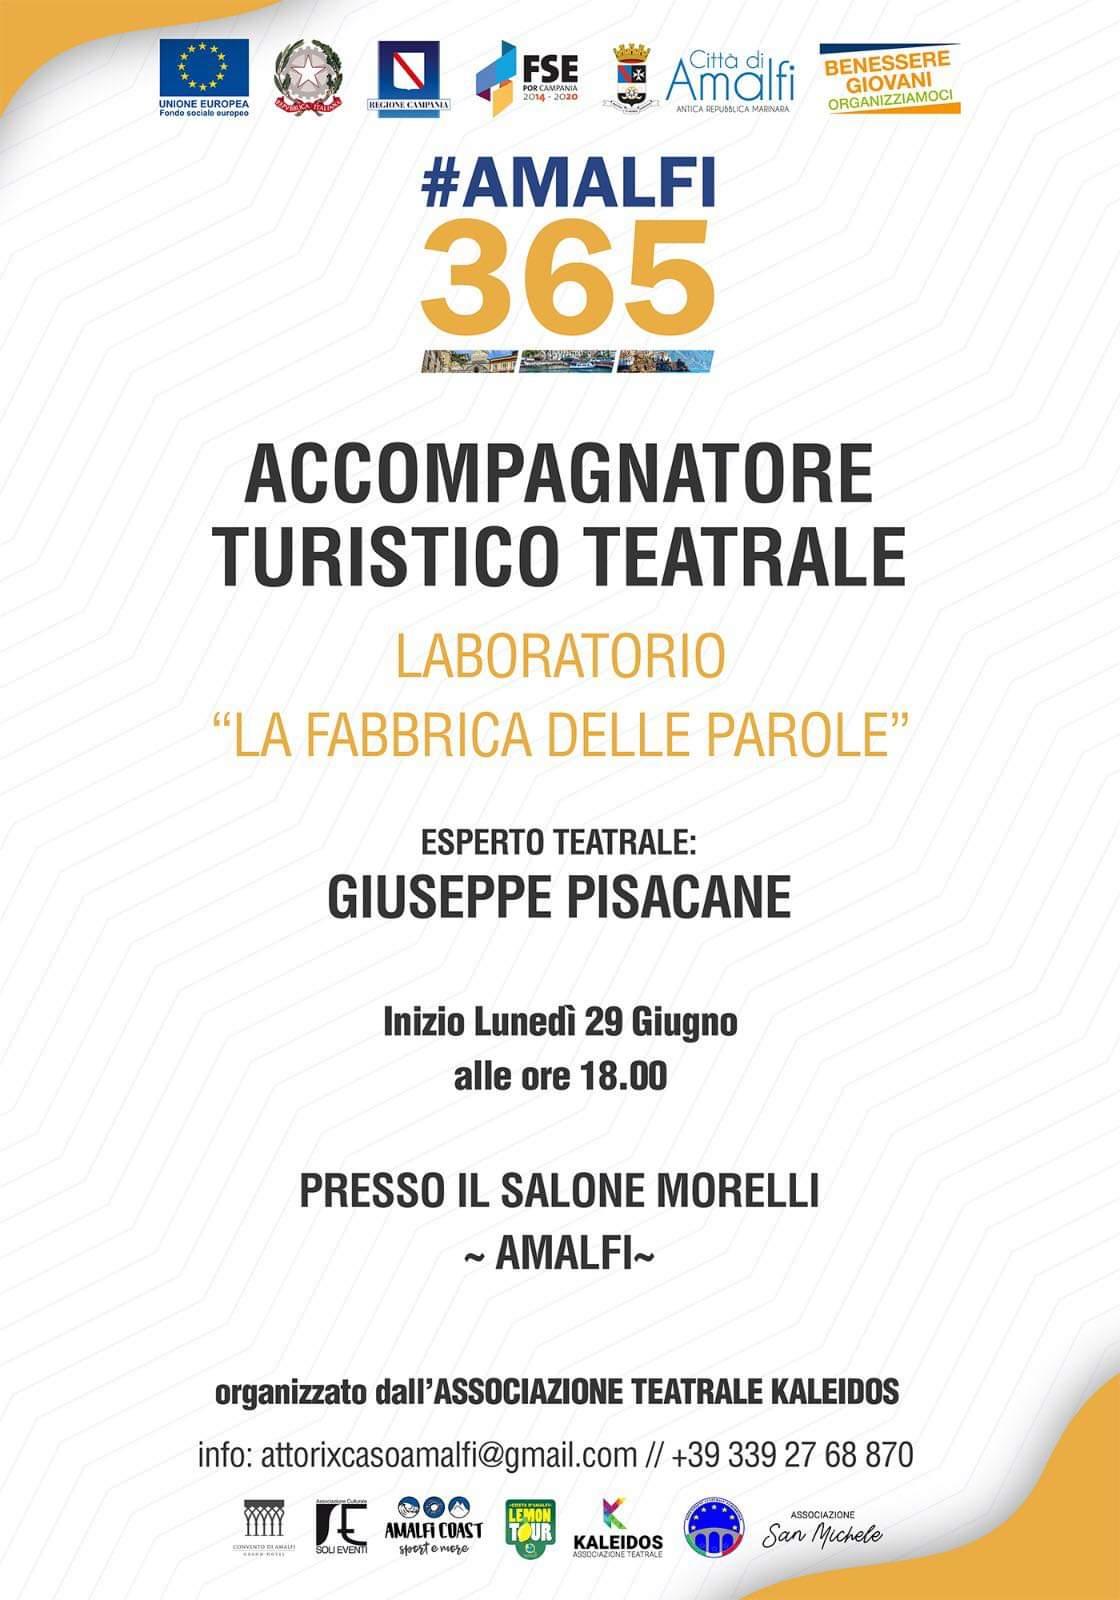 #Amalfi 365. Corso per accompagnatore turistico teatrale